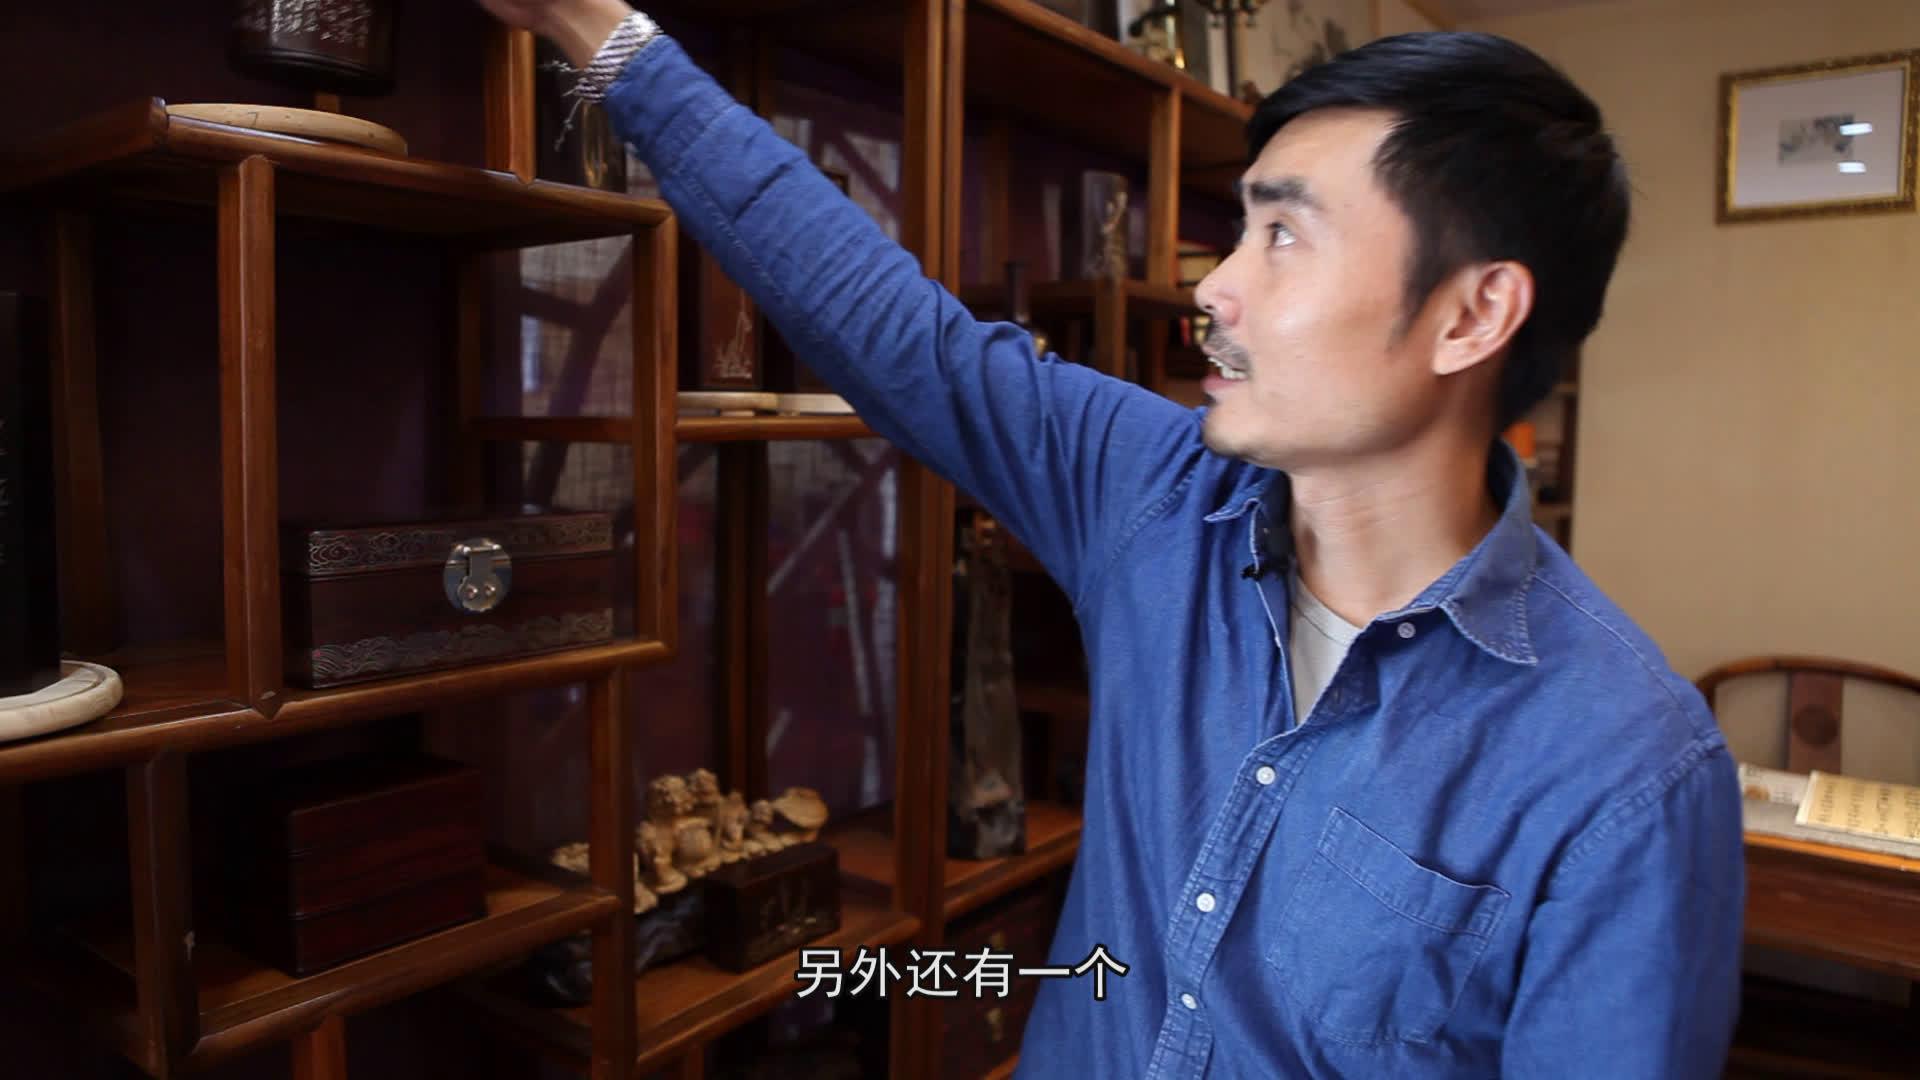 浙江红木嵌银手艺人的创作故事